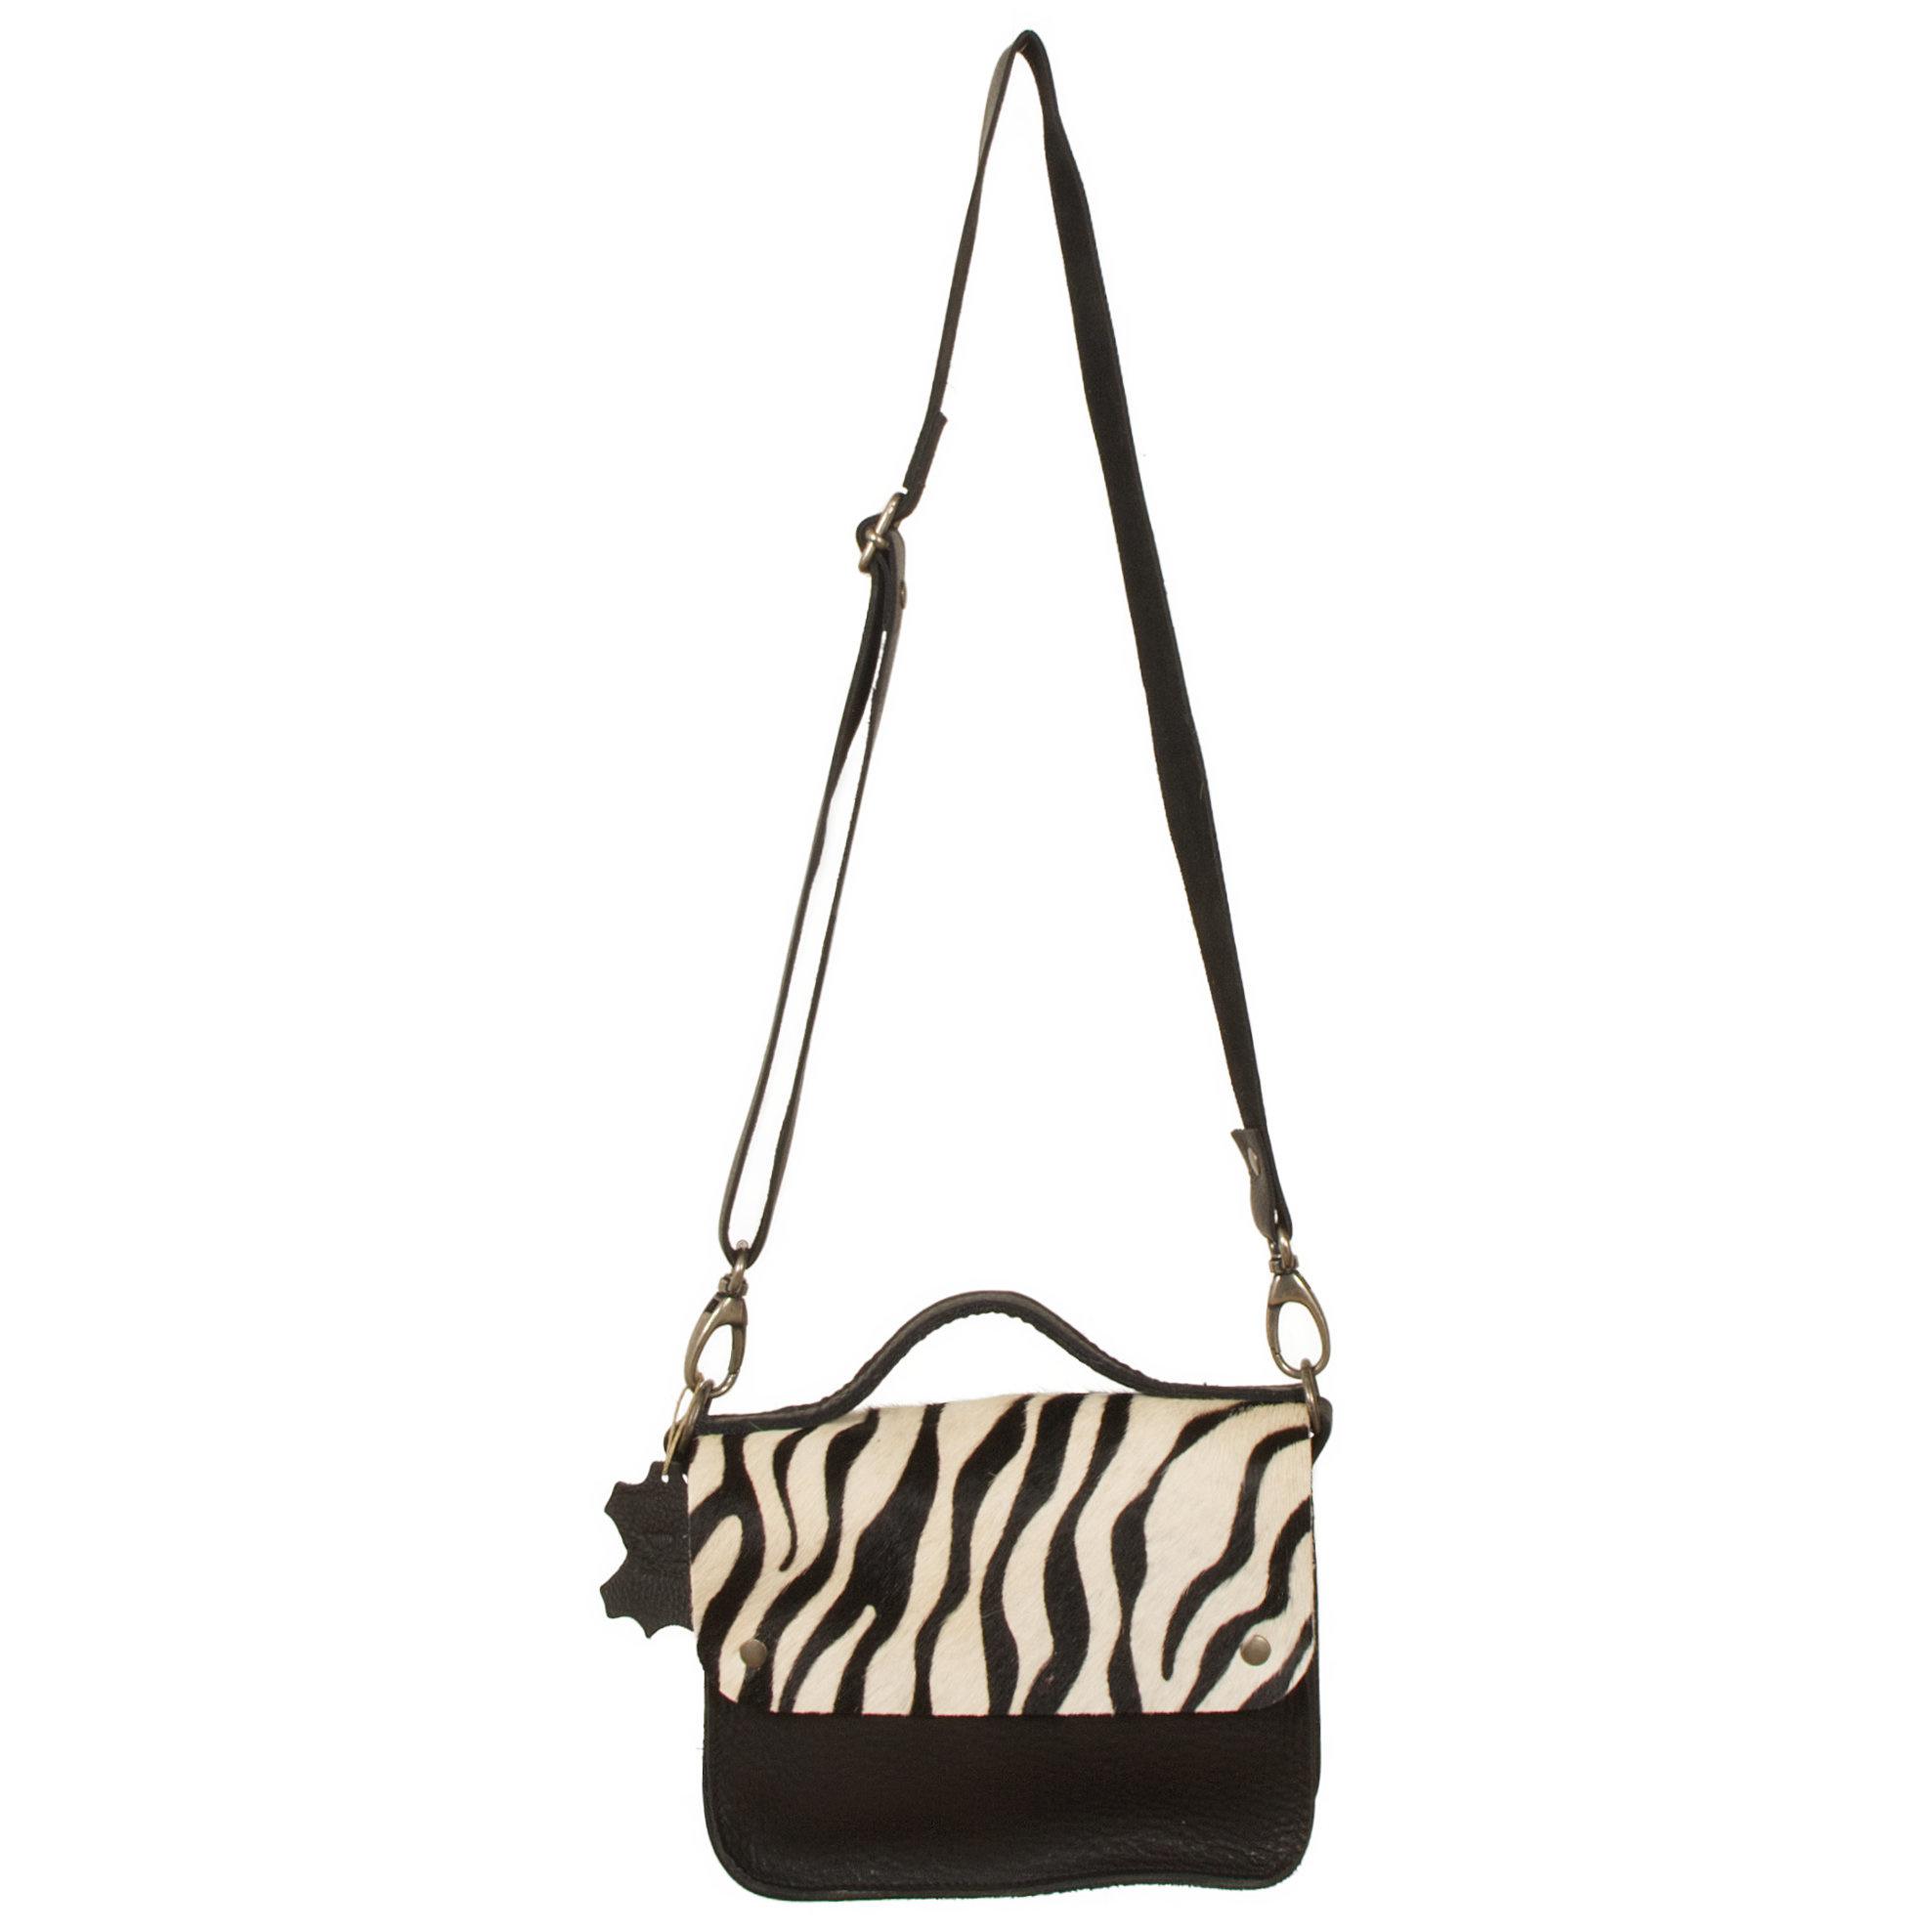 testVan Buren Tas Maren - Zwart/zebra print | Lederen crossbody tas